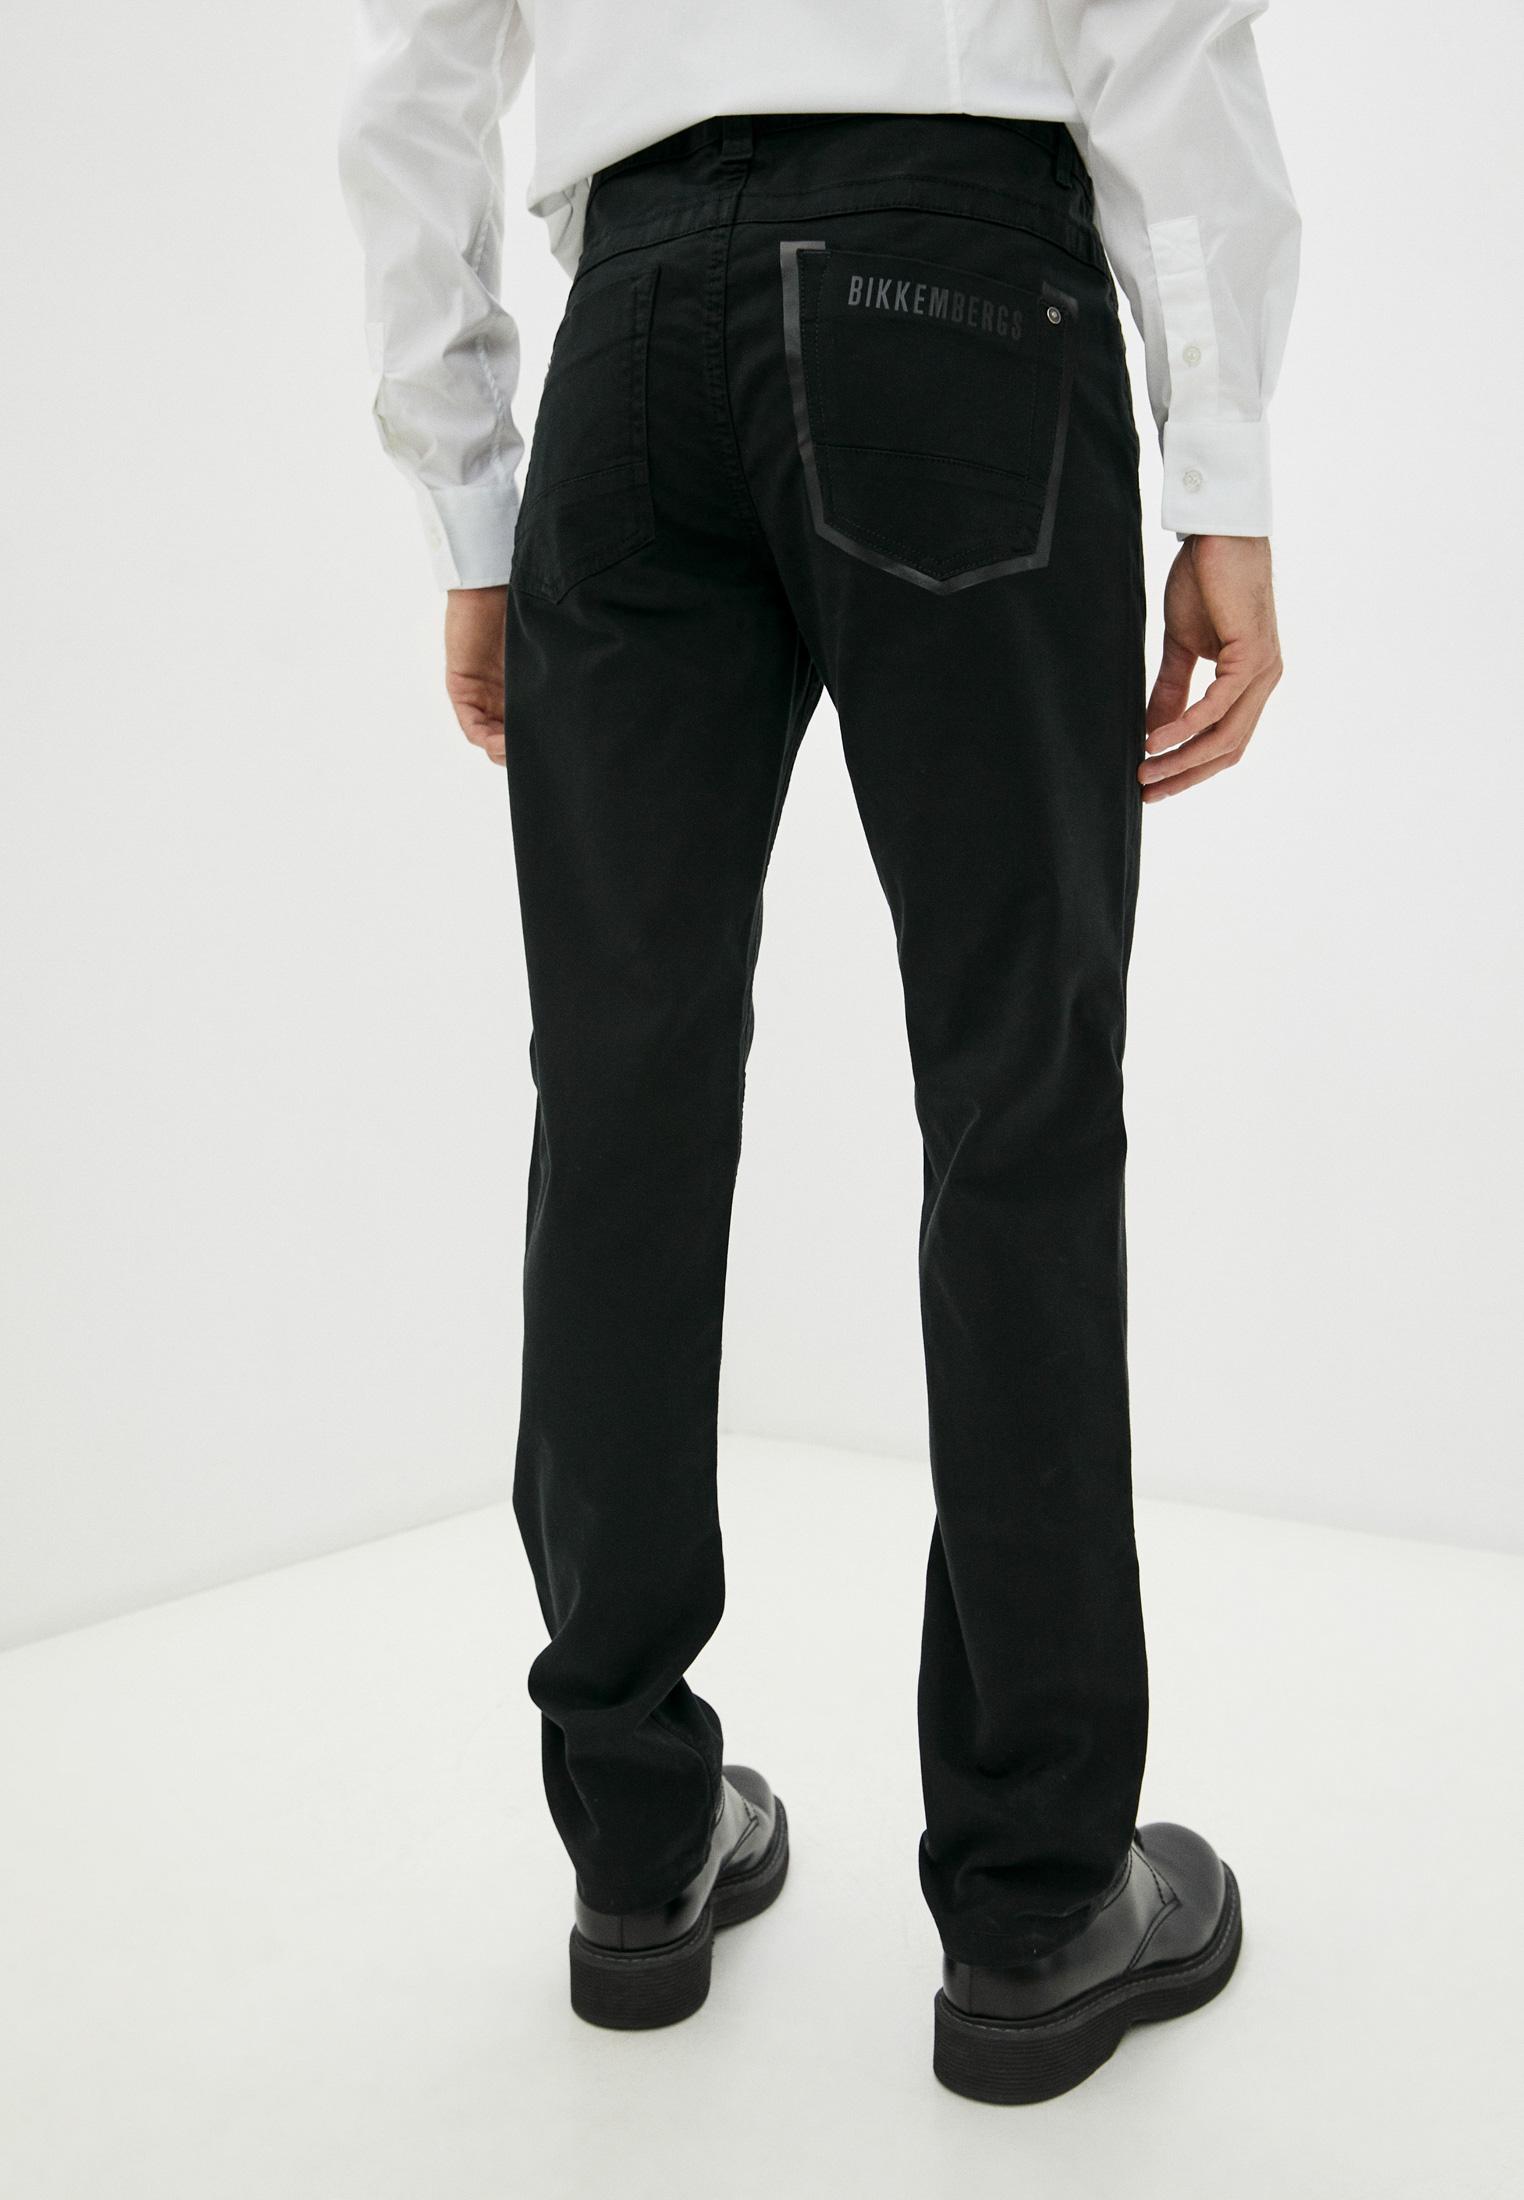 Мужские брюки Bikkembergs (Биккембергс) C Q 101 02 S 3279: изображение 4